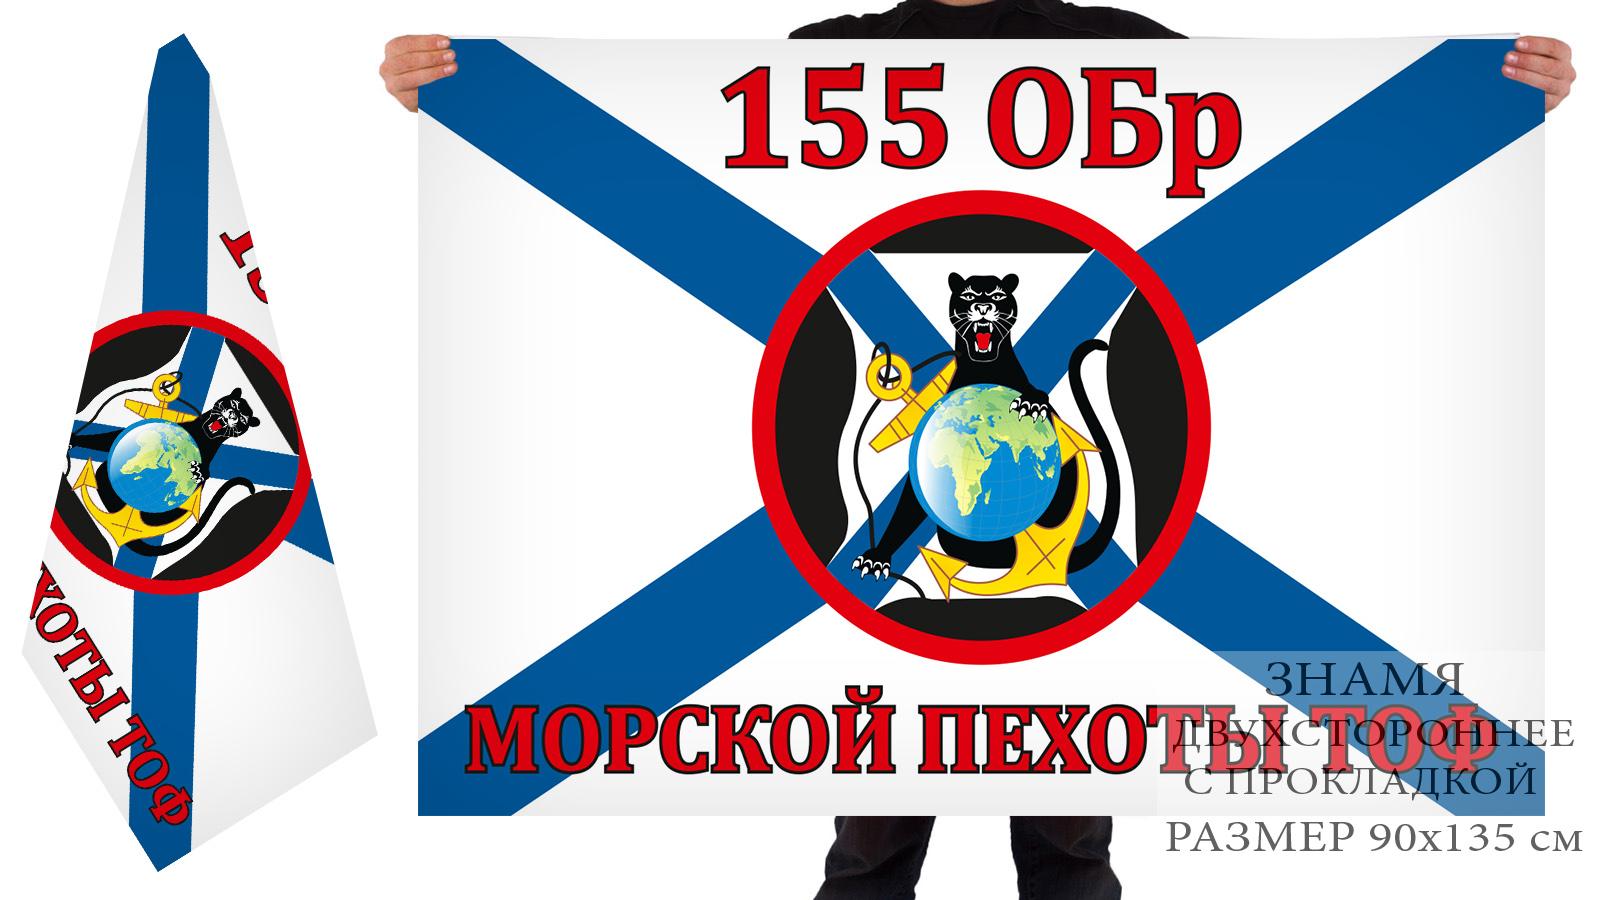 Двухсторонний флаг 155-ой отдельной бригады Морской пехоты